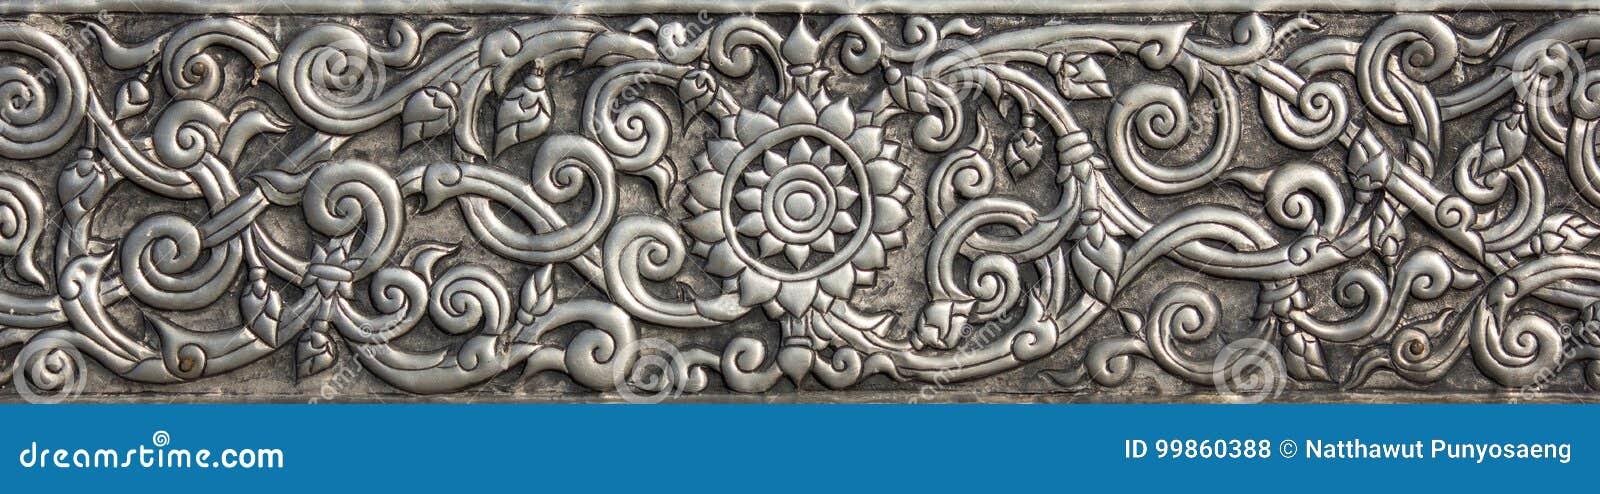 Patroon van zilveren metaalplaat met bloem gesneden achtergrond